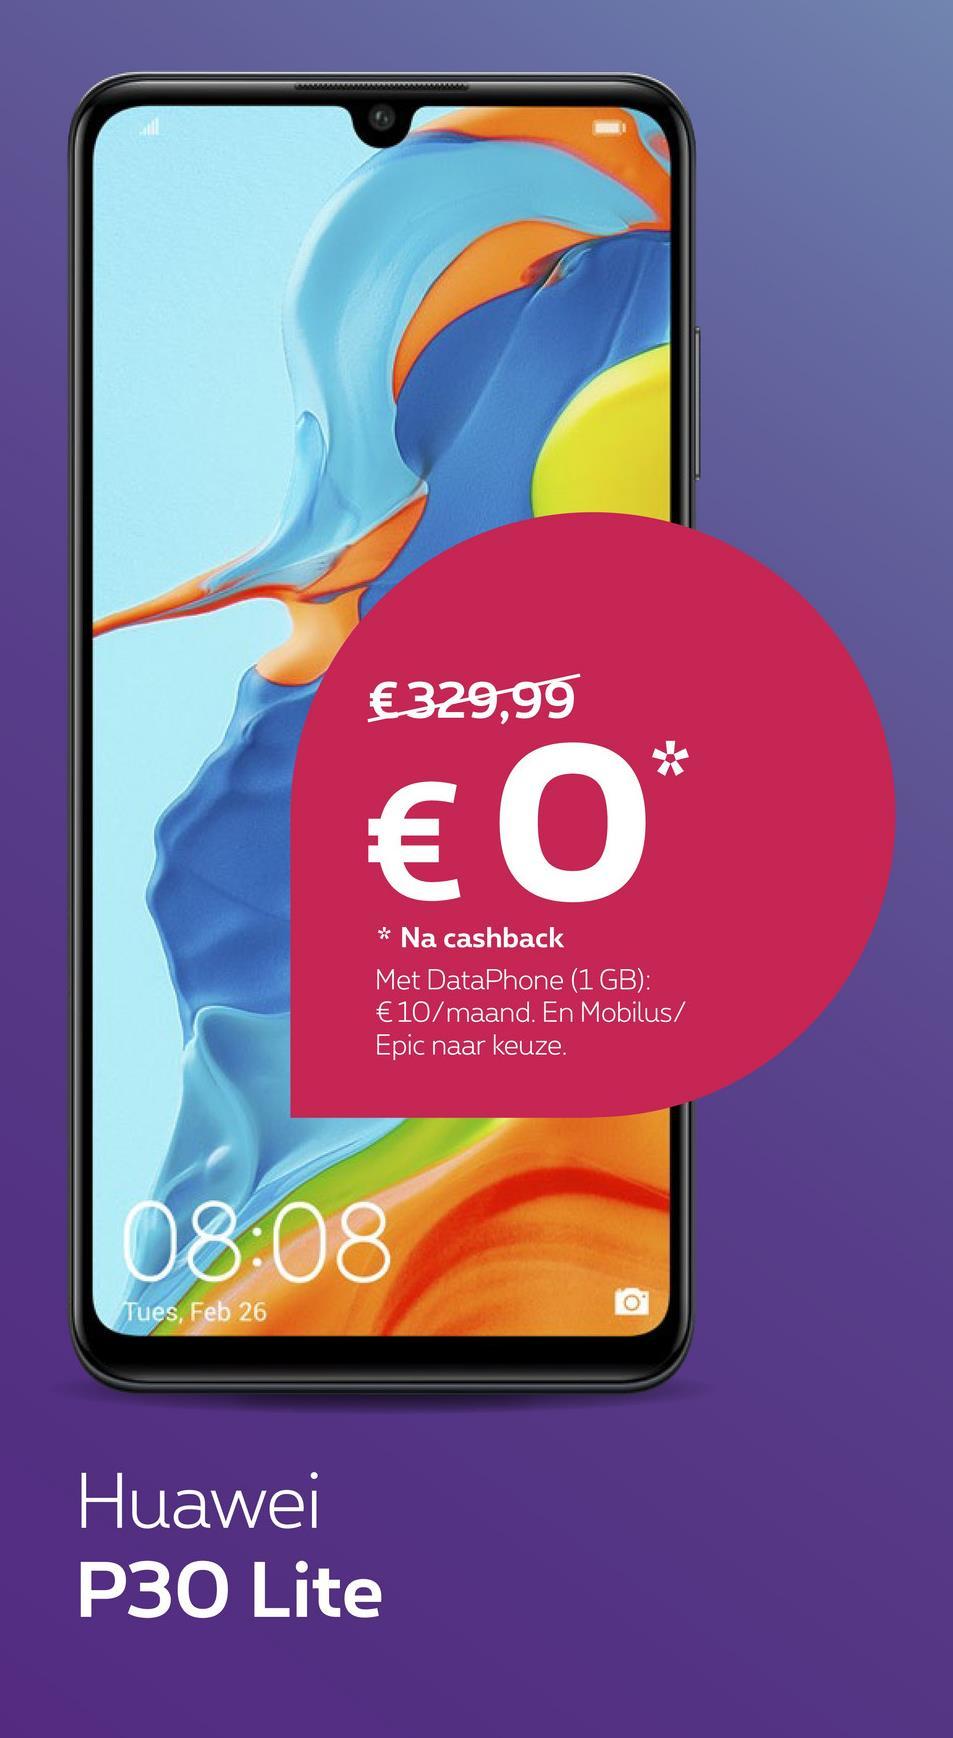 €329,99 € * * Na cashback Met DataPhone (1 GB): € 10/maand. En Mobilus/ Epic naar keuze. 08:08 Tues, Feb 26 Huawei P30 Lite